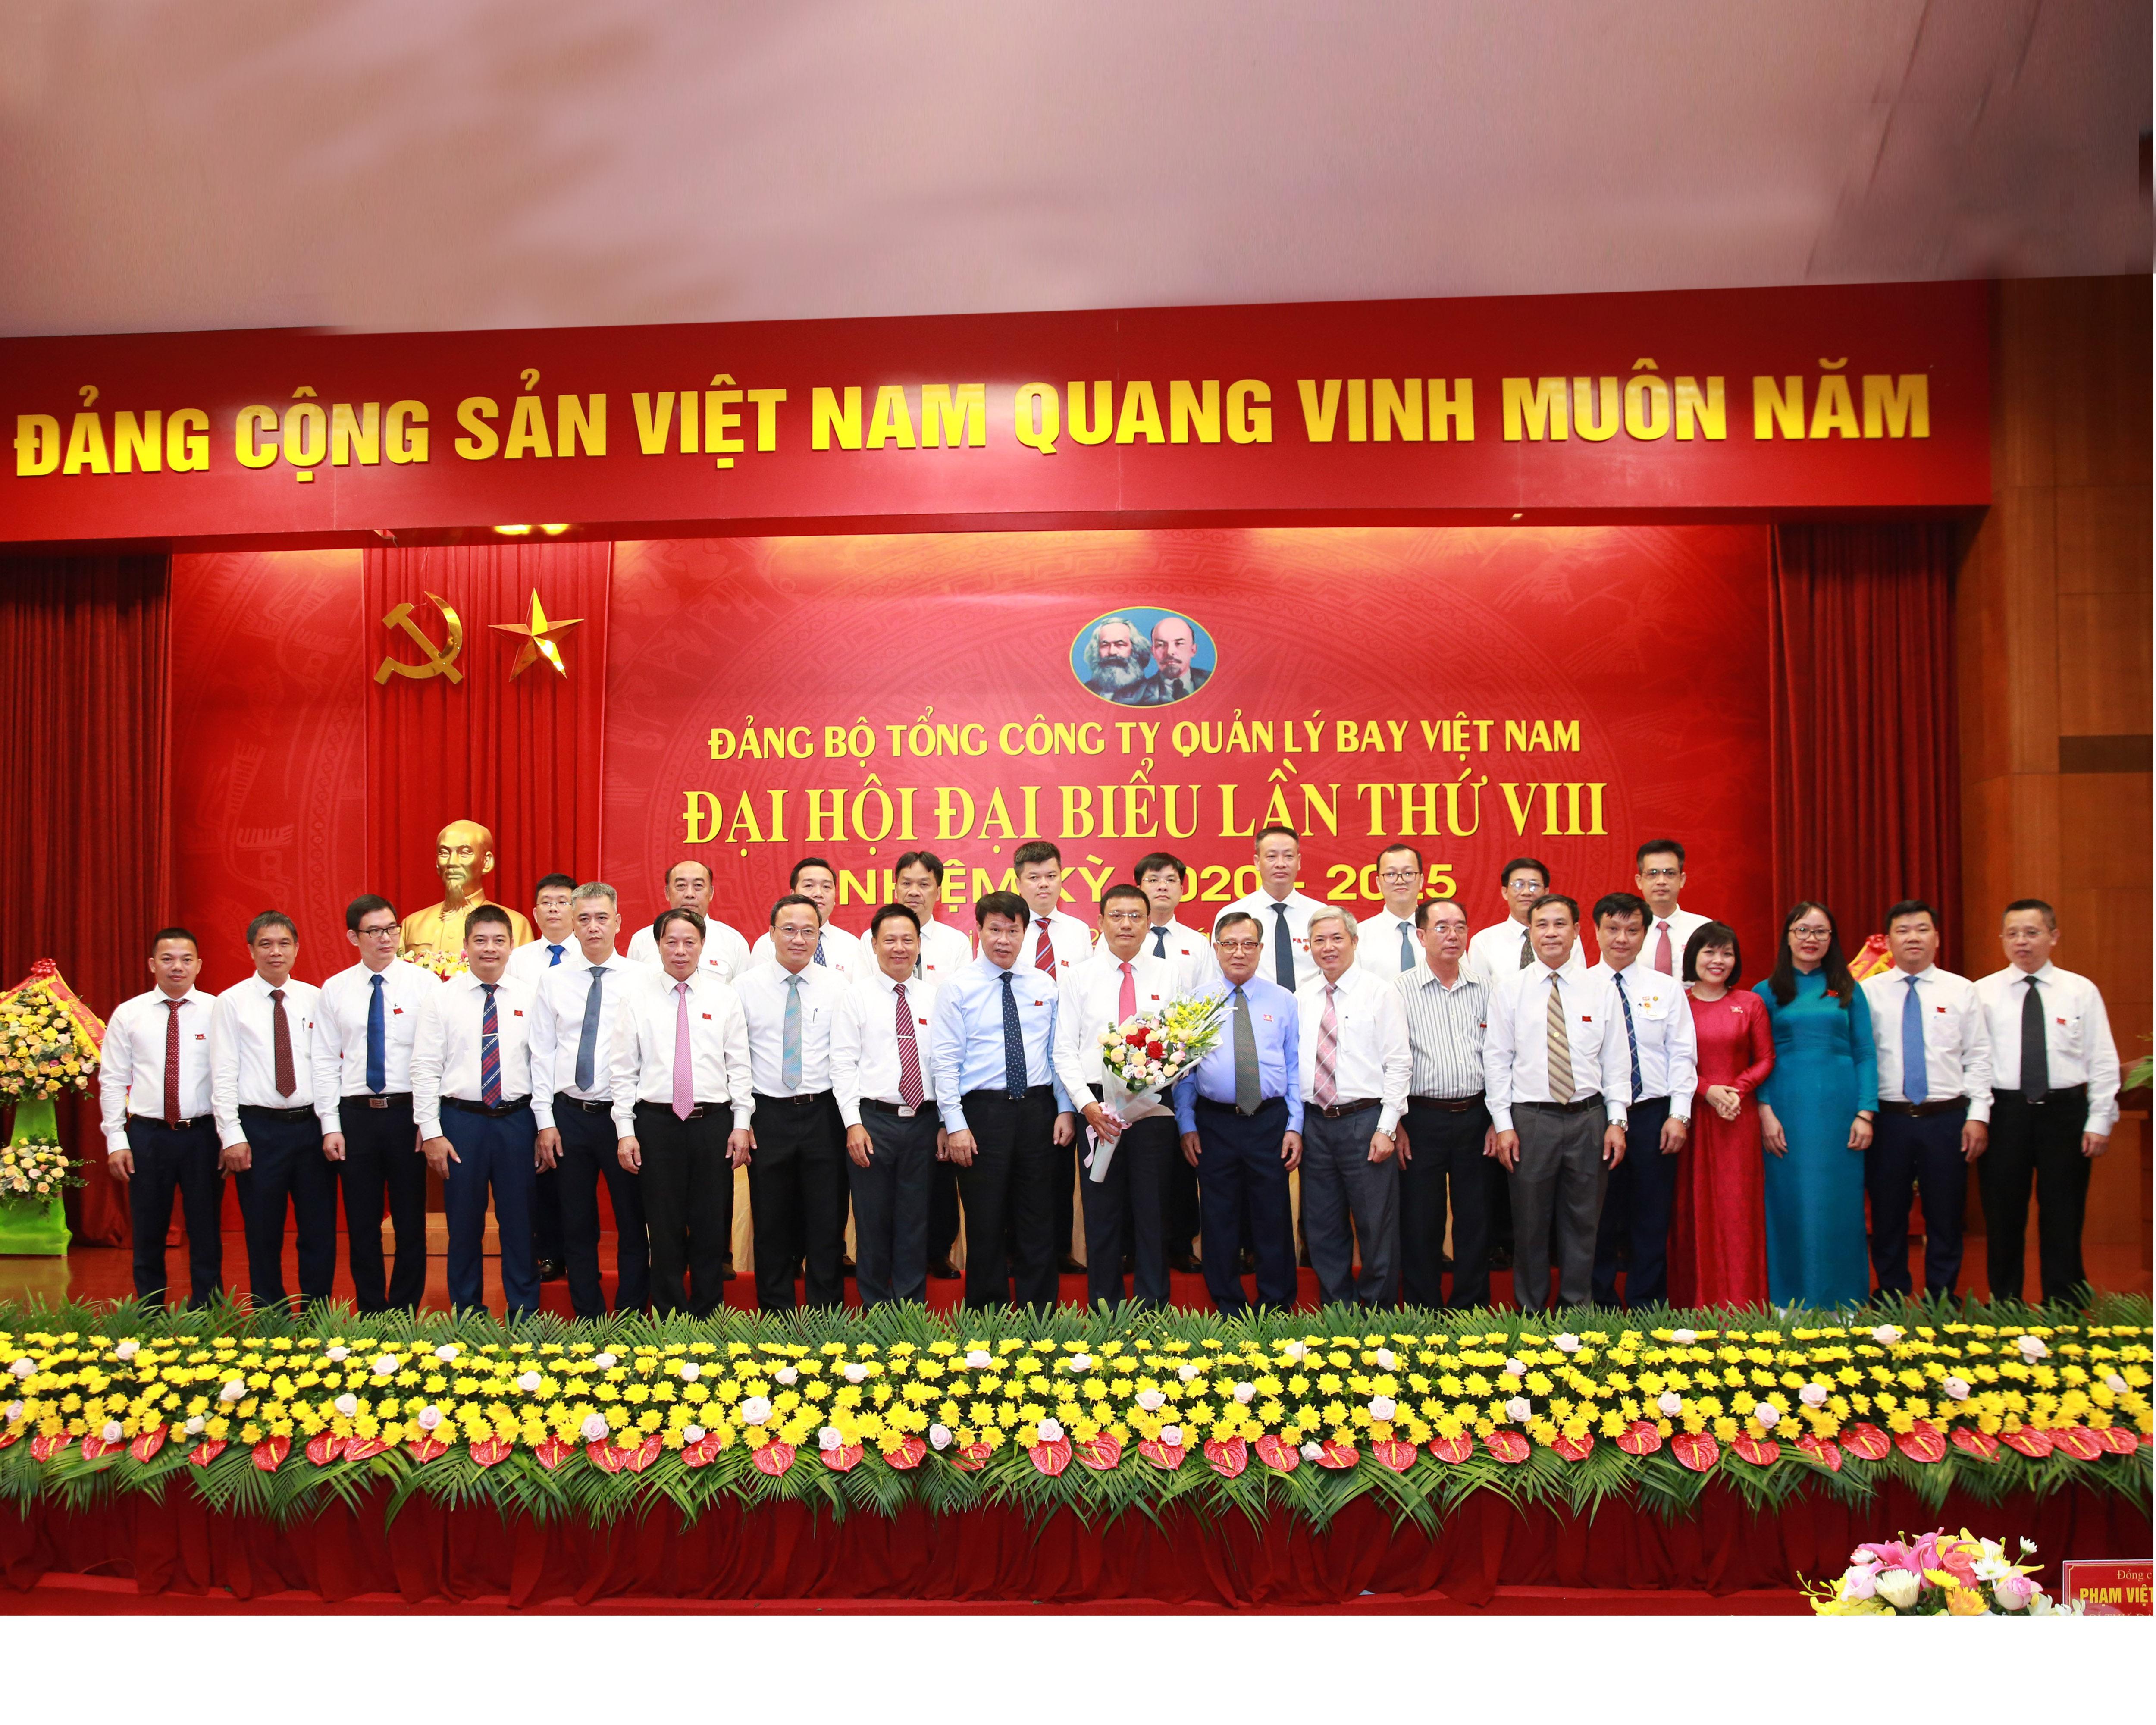 Khẳng định vị trí, vai trò trong lĩnh vực quản lý bay Việt Nam